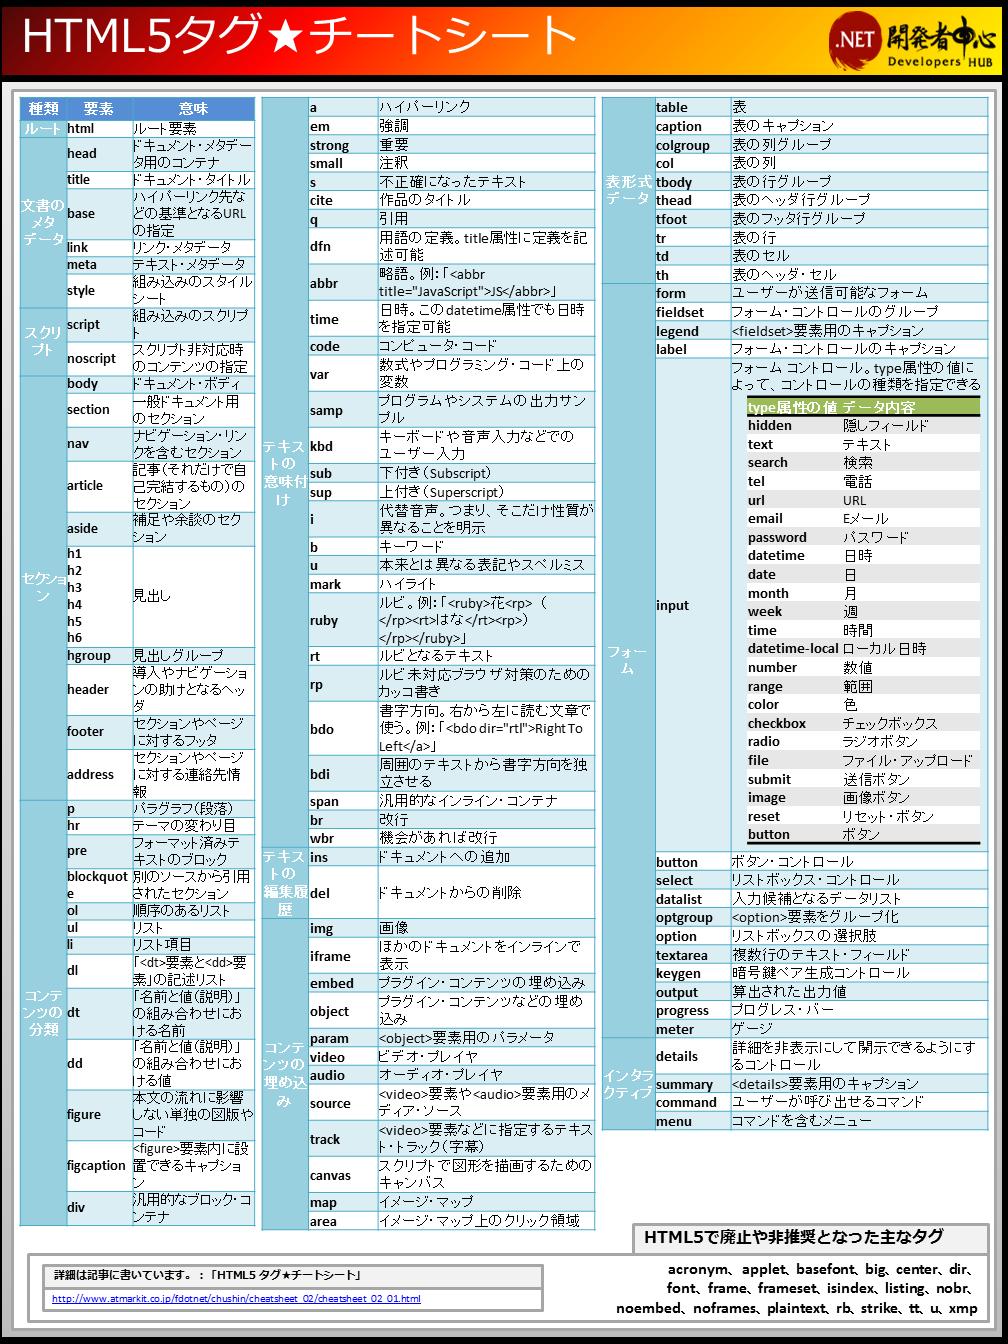 html5 video ダウンロード